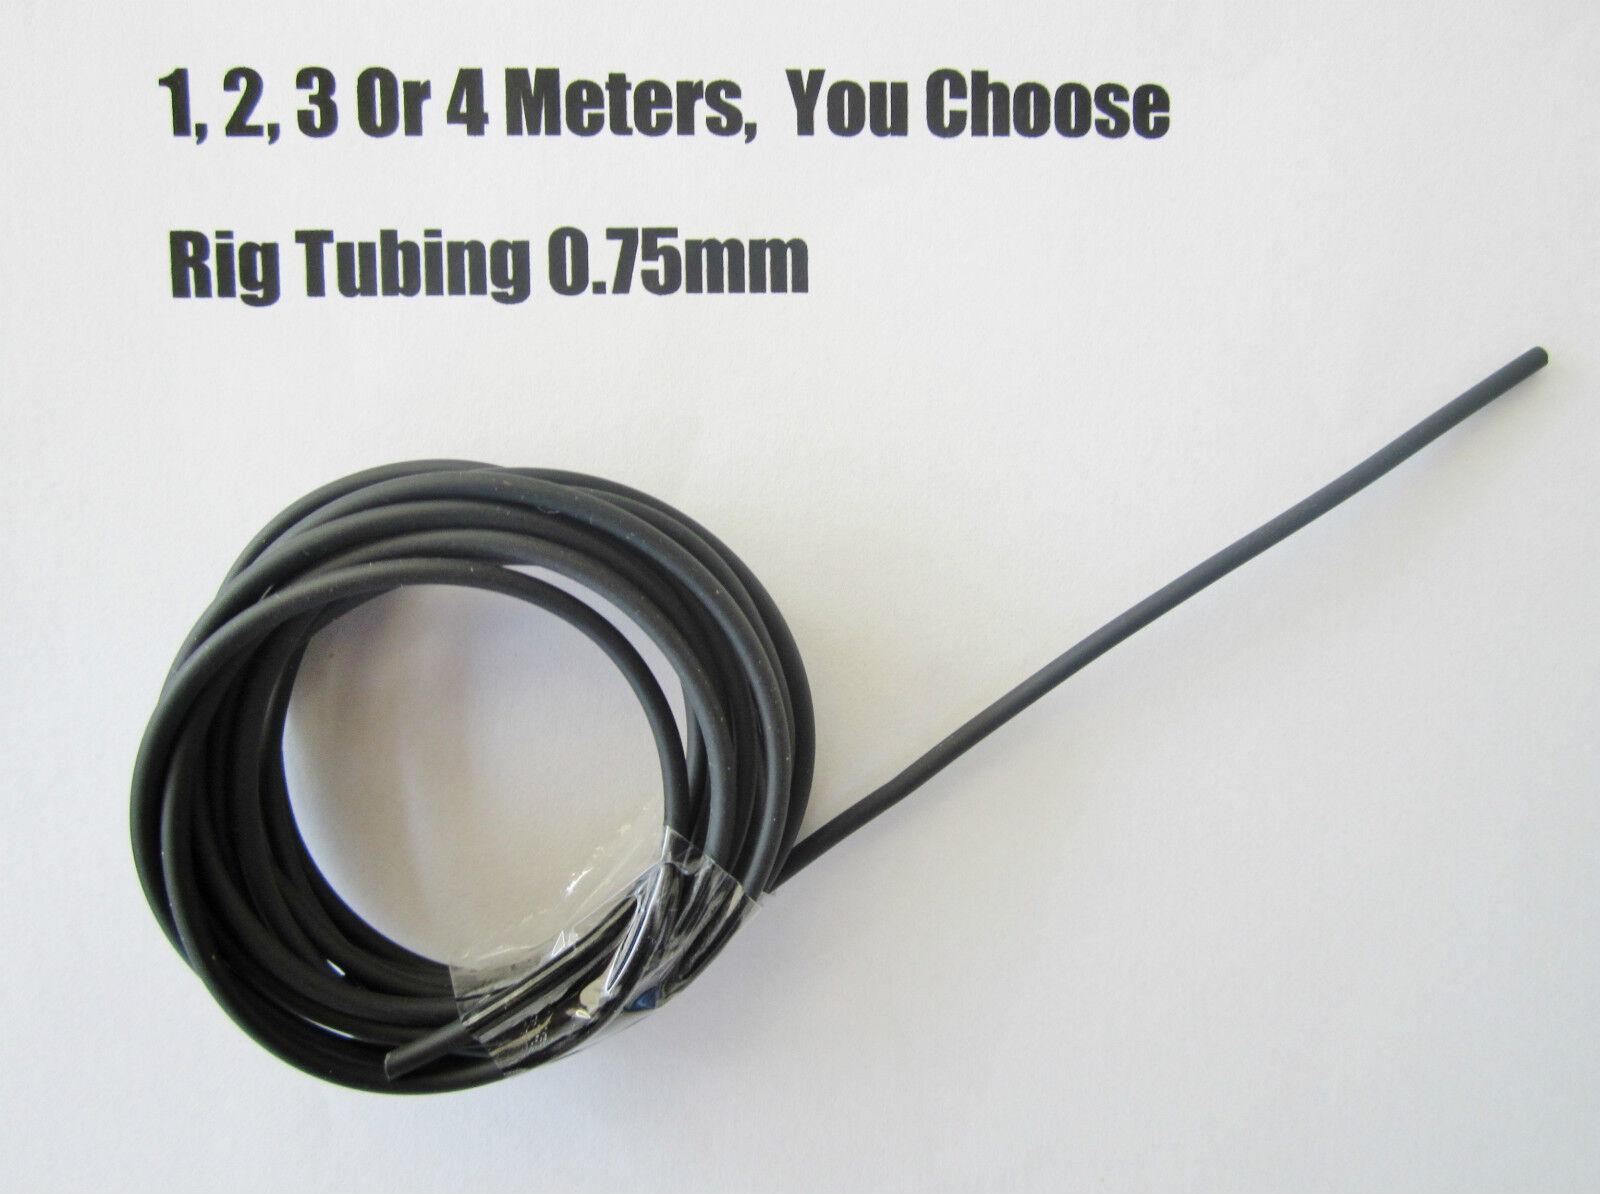 Pêche rig tube tube 0,75 mm assortiment assortiment assortiment de longueurs anti enchevêtrement plates-formes Jigs Crochets 969387